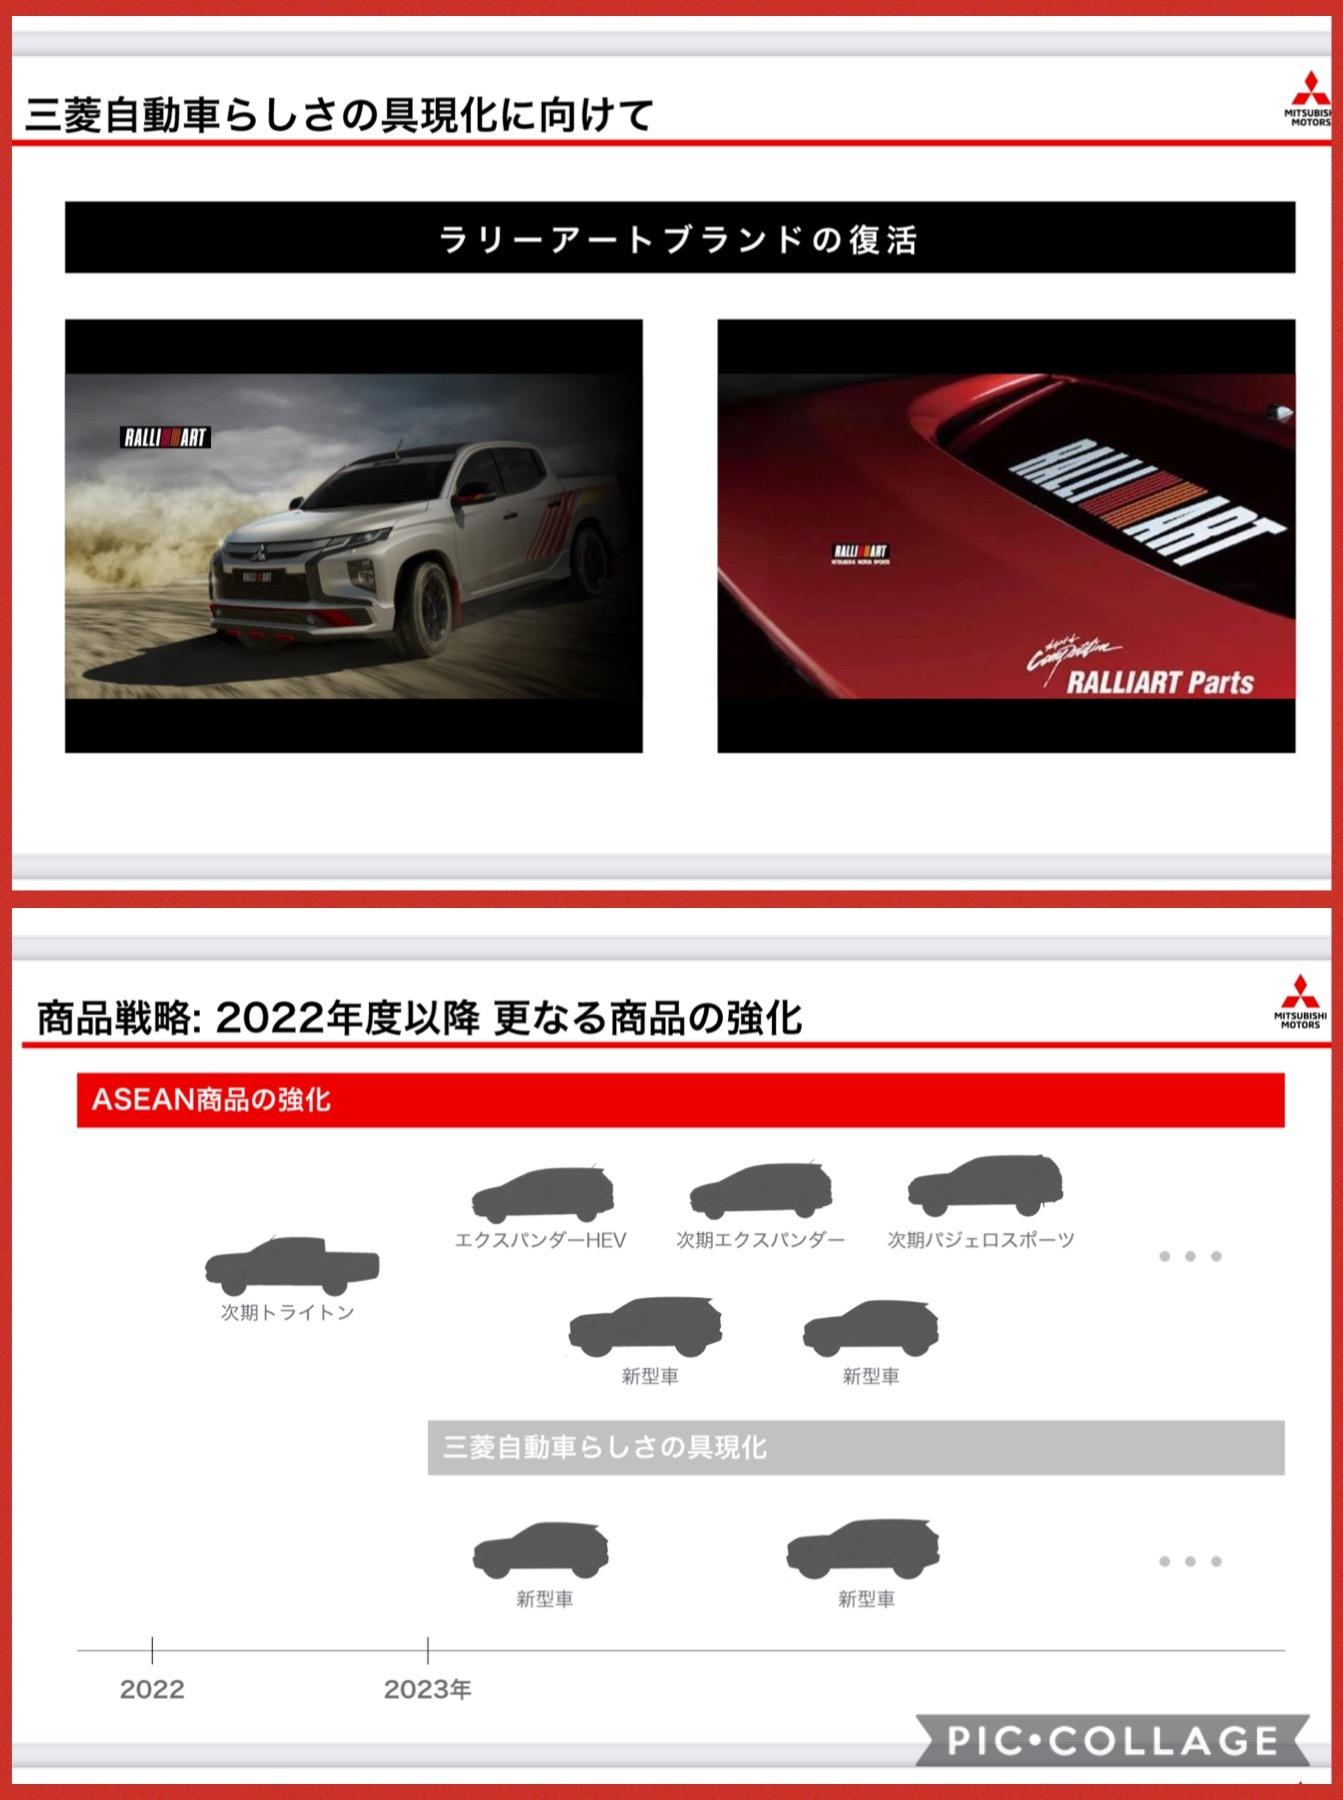 三菱決算報告書2020 ラリーアート 新車発売中期計画